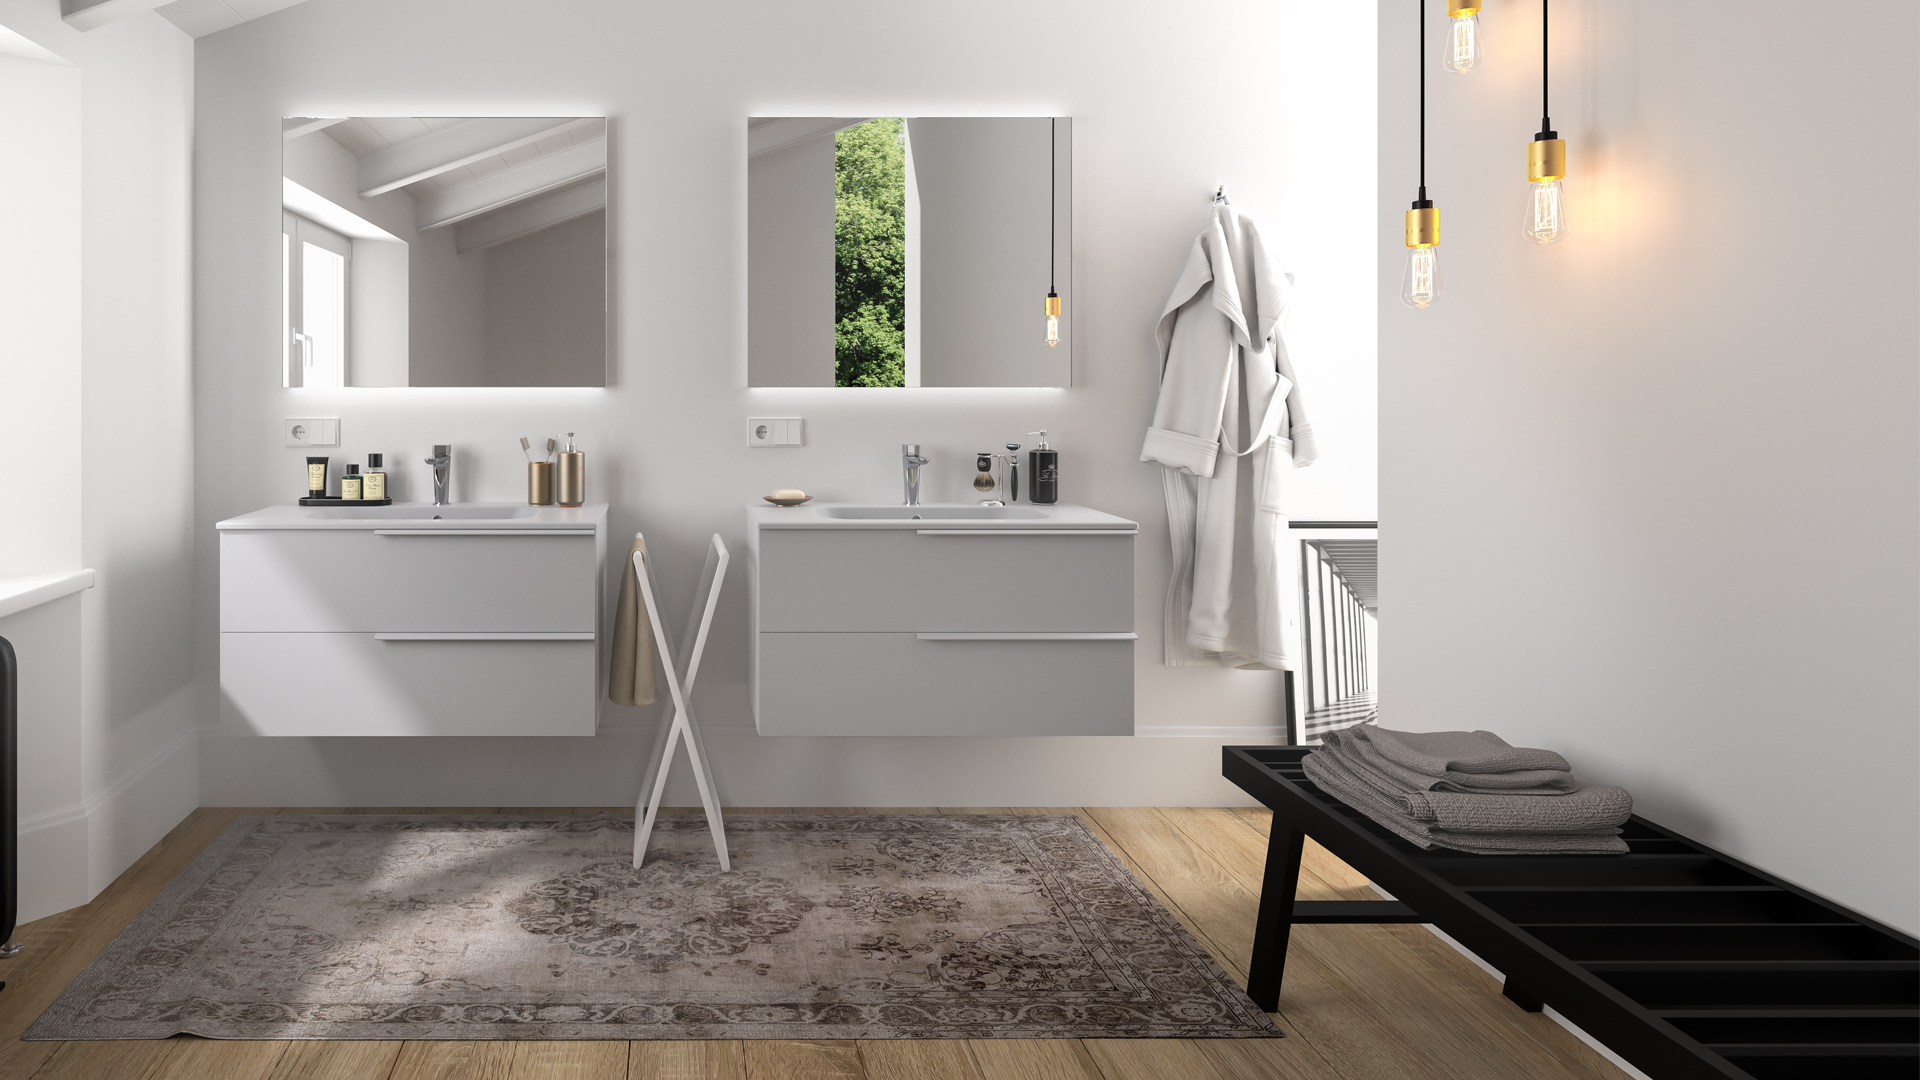 Ristrutturazione del bagno: idee e soluzioni per ogni spazio